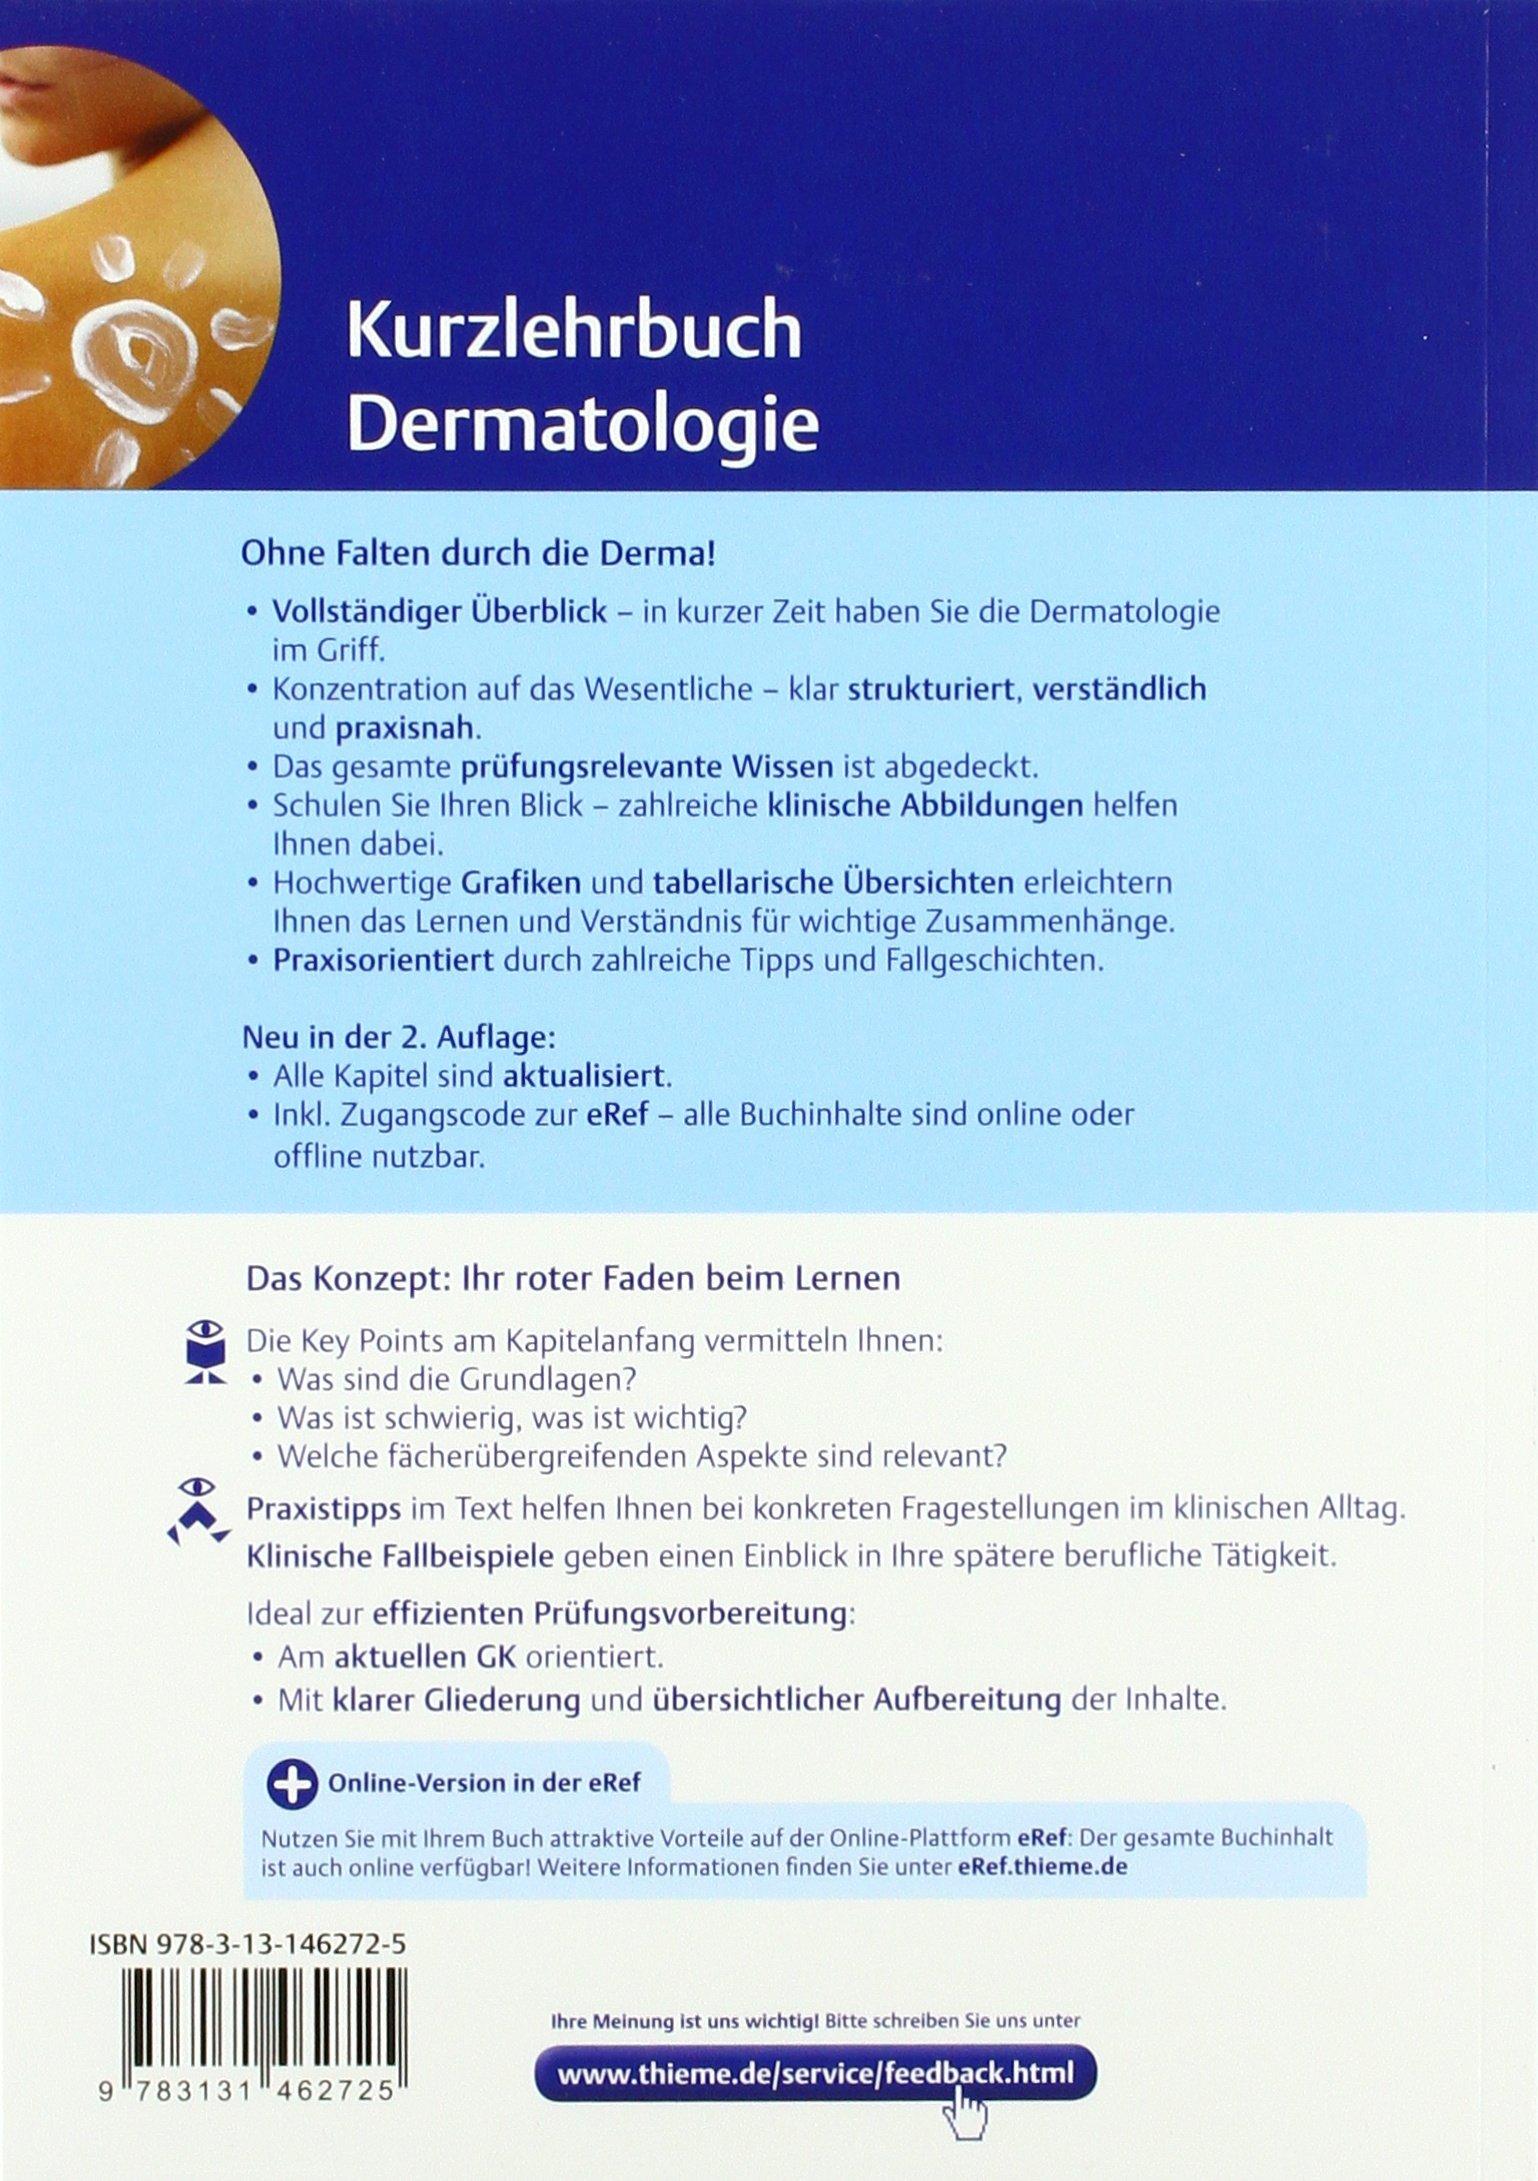 kurzlehrbuch-dermatologie